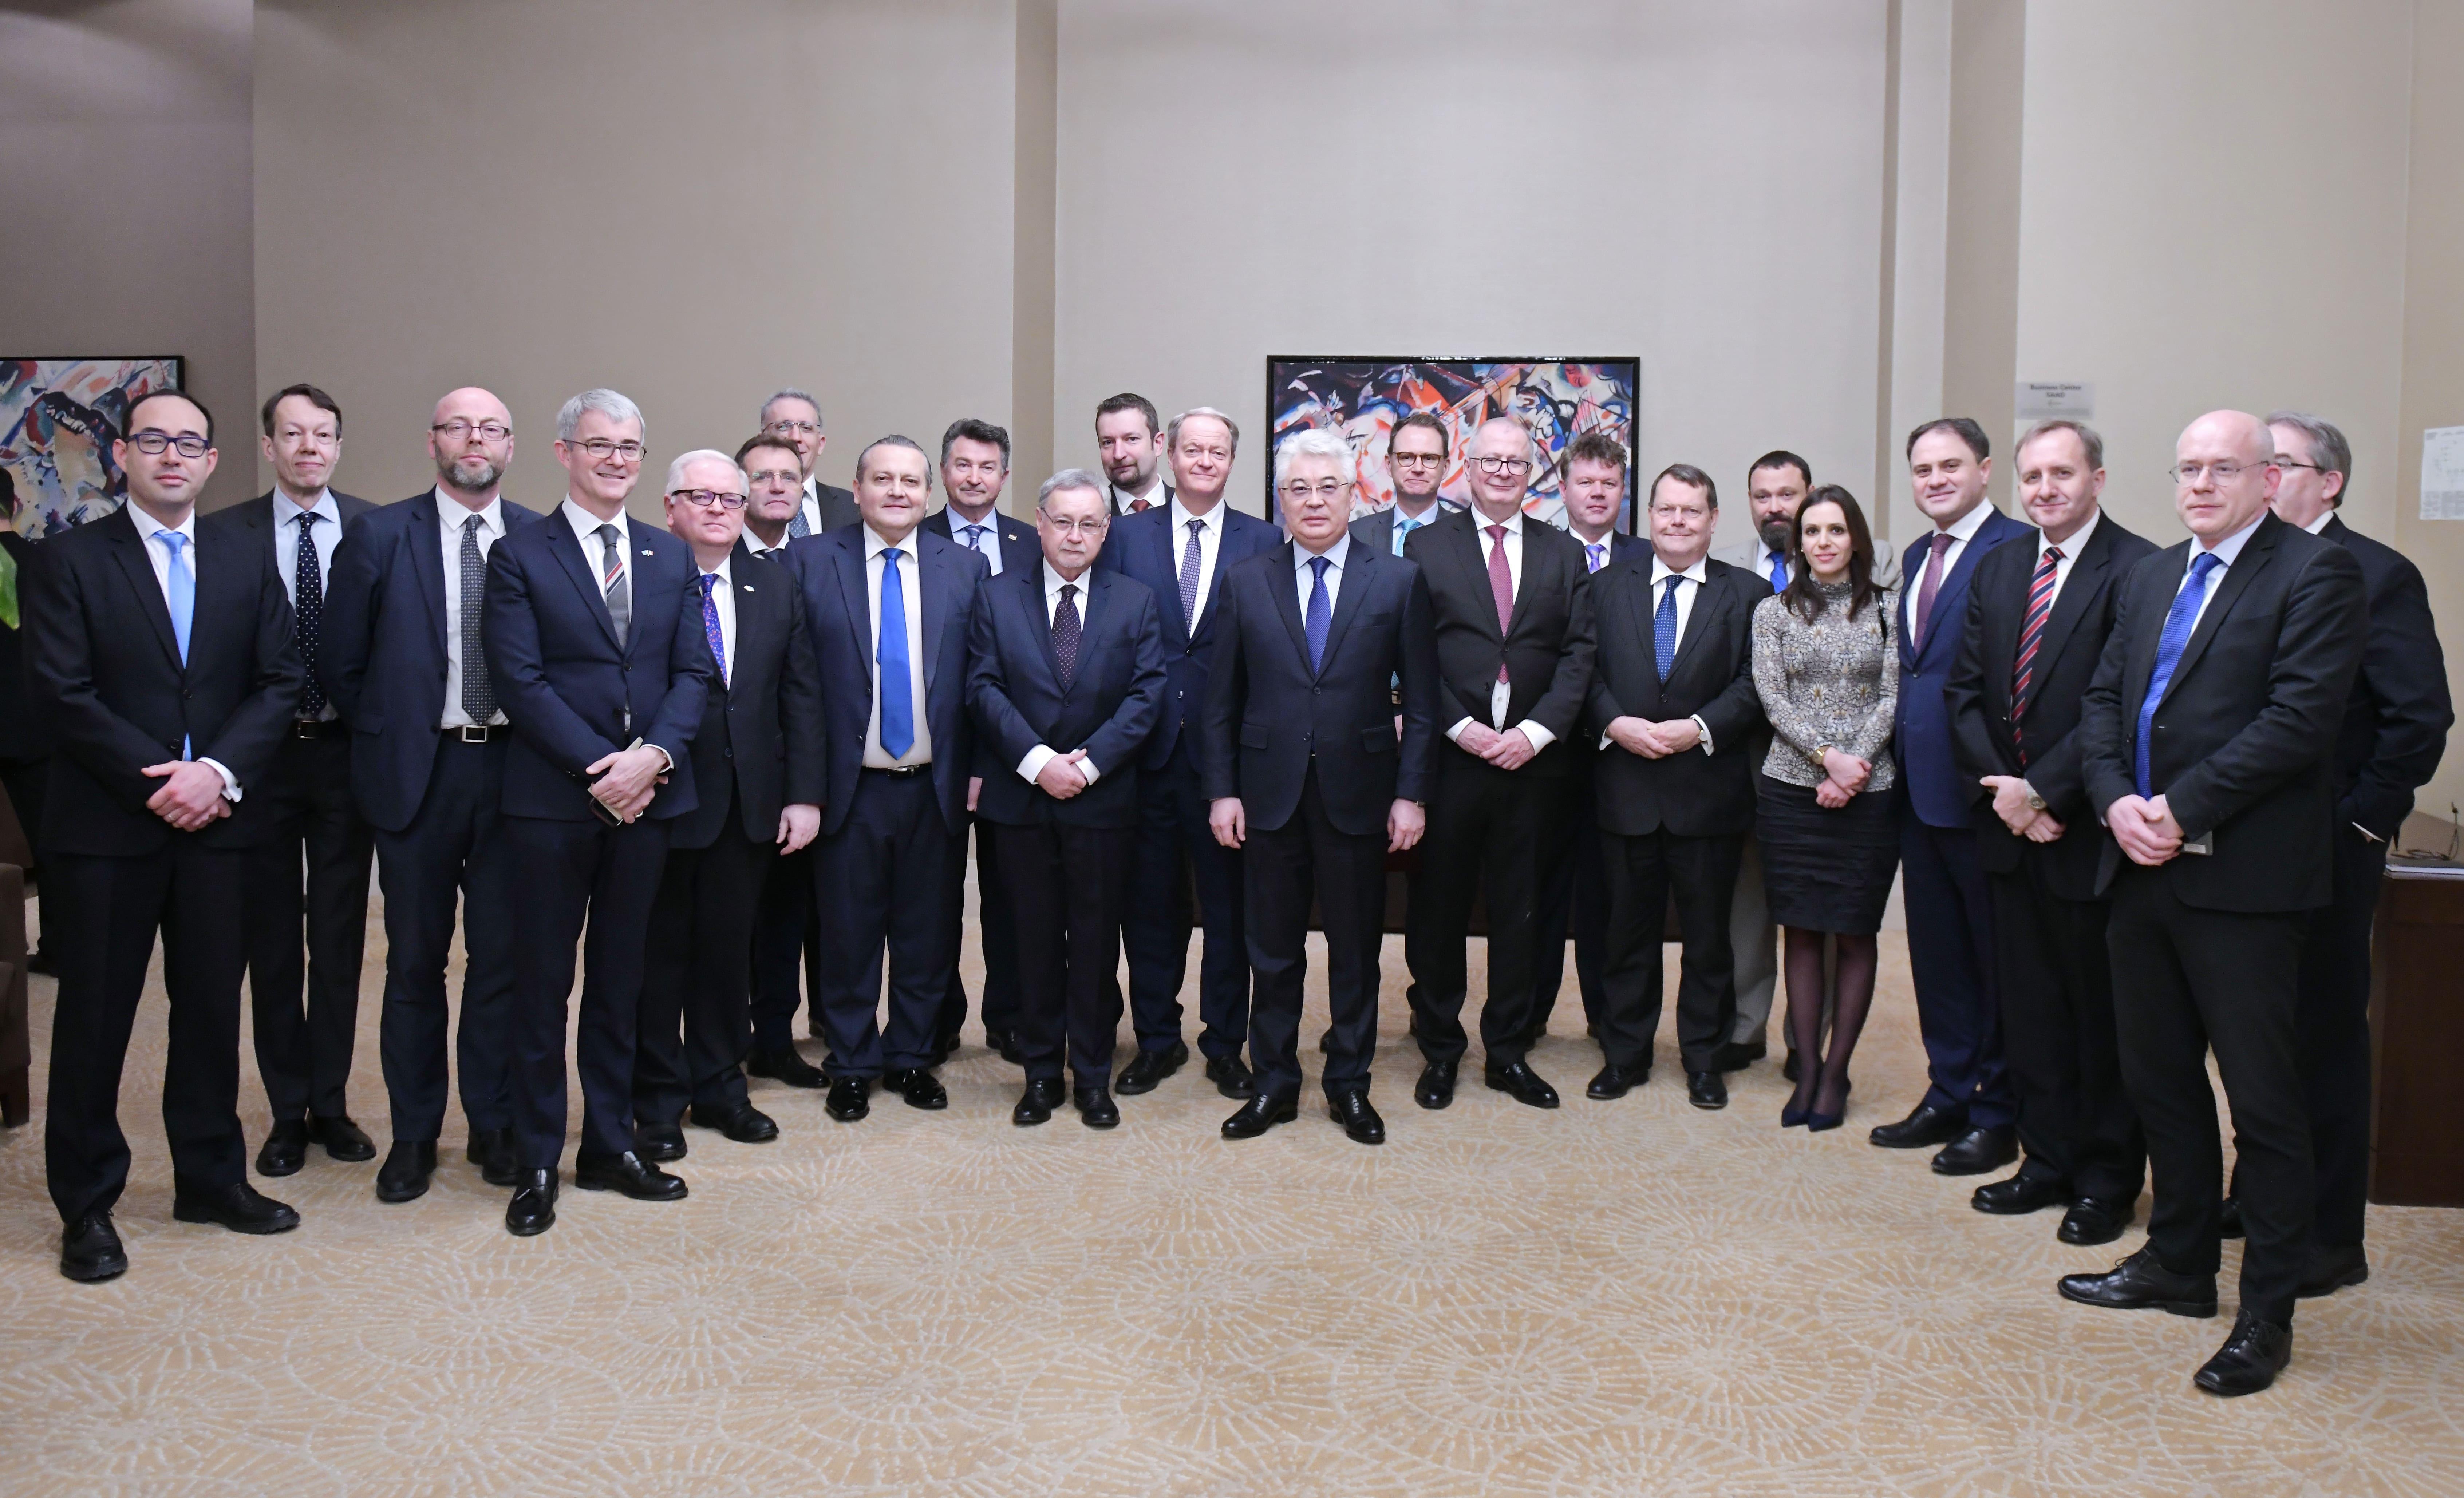 Казахстан и ЕС поддерживают и развивают торгово-экономическое сотрудничество